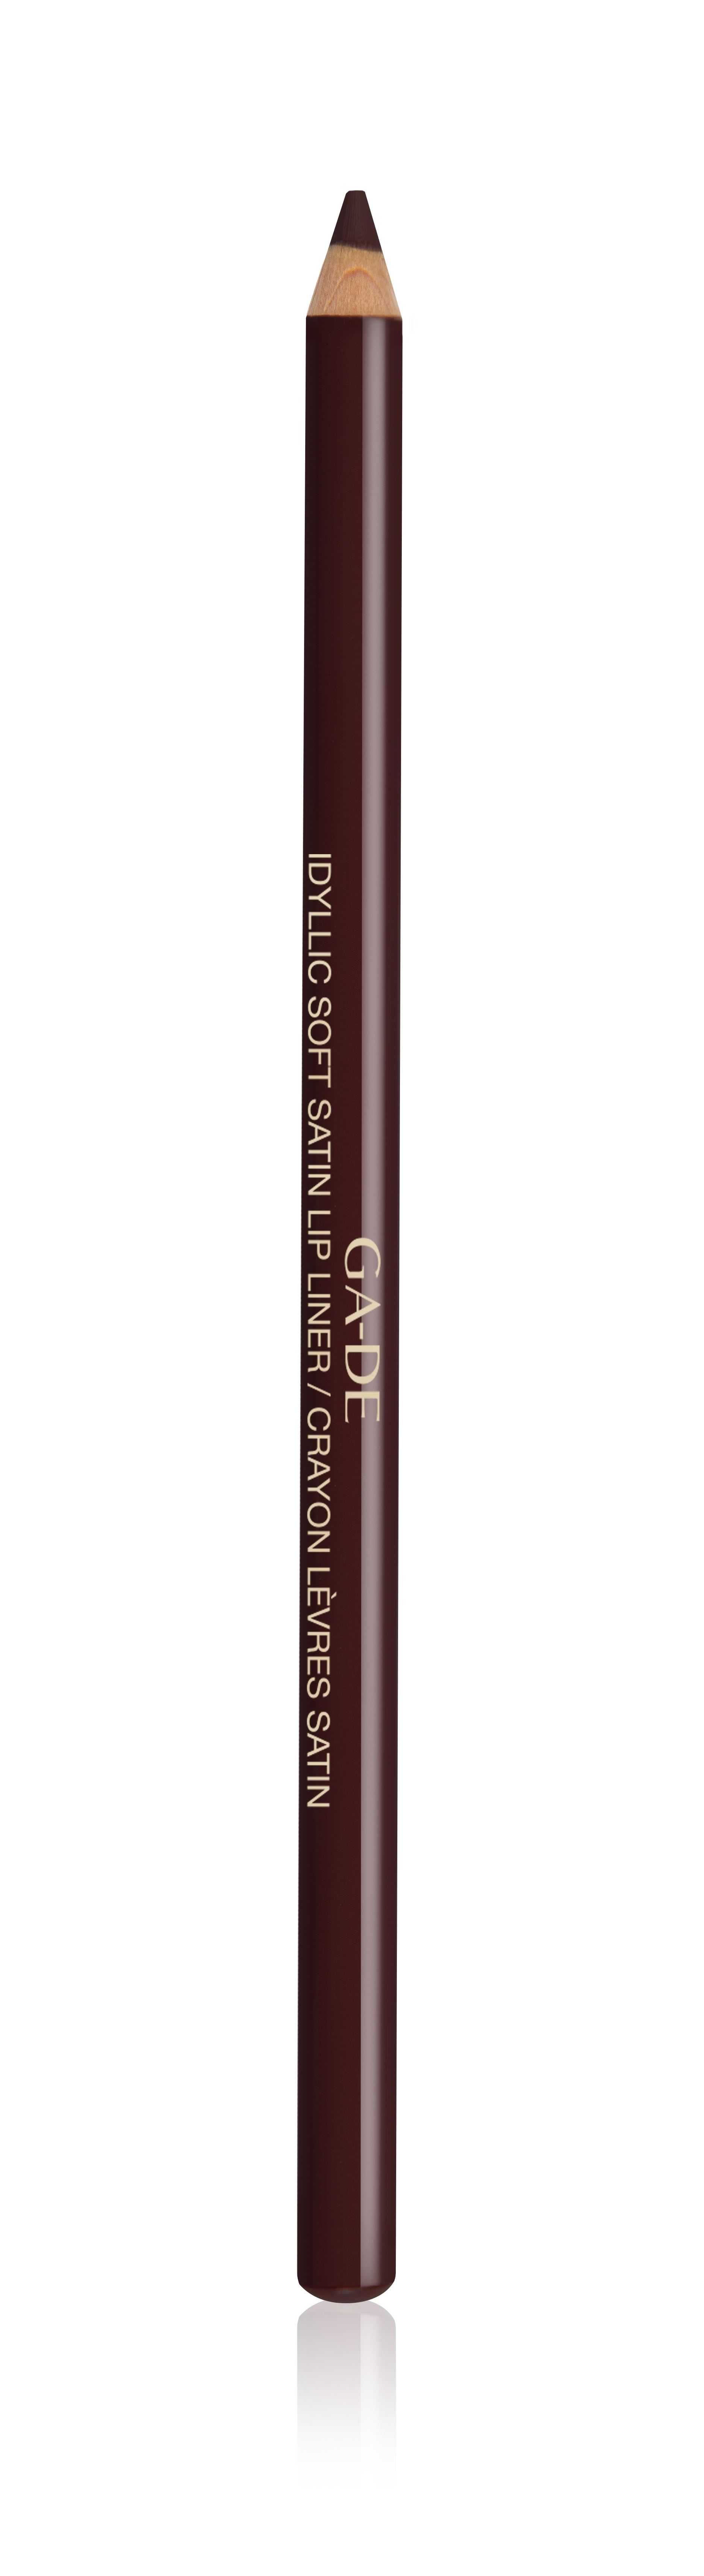 GA-DE Карандаш для губ контурный № 57 / IDYLLIC SOFT SATIN 1,2 г